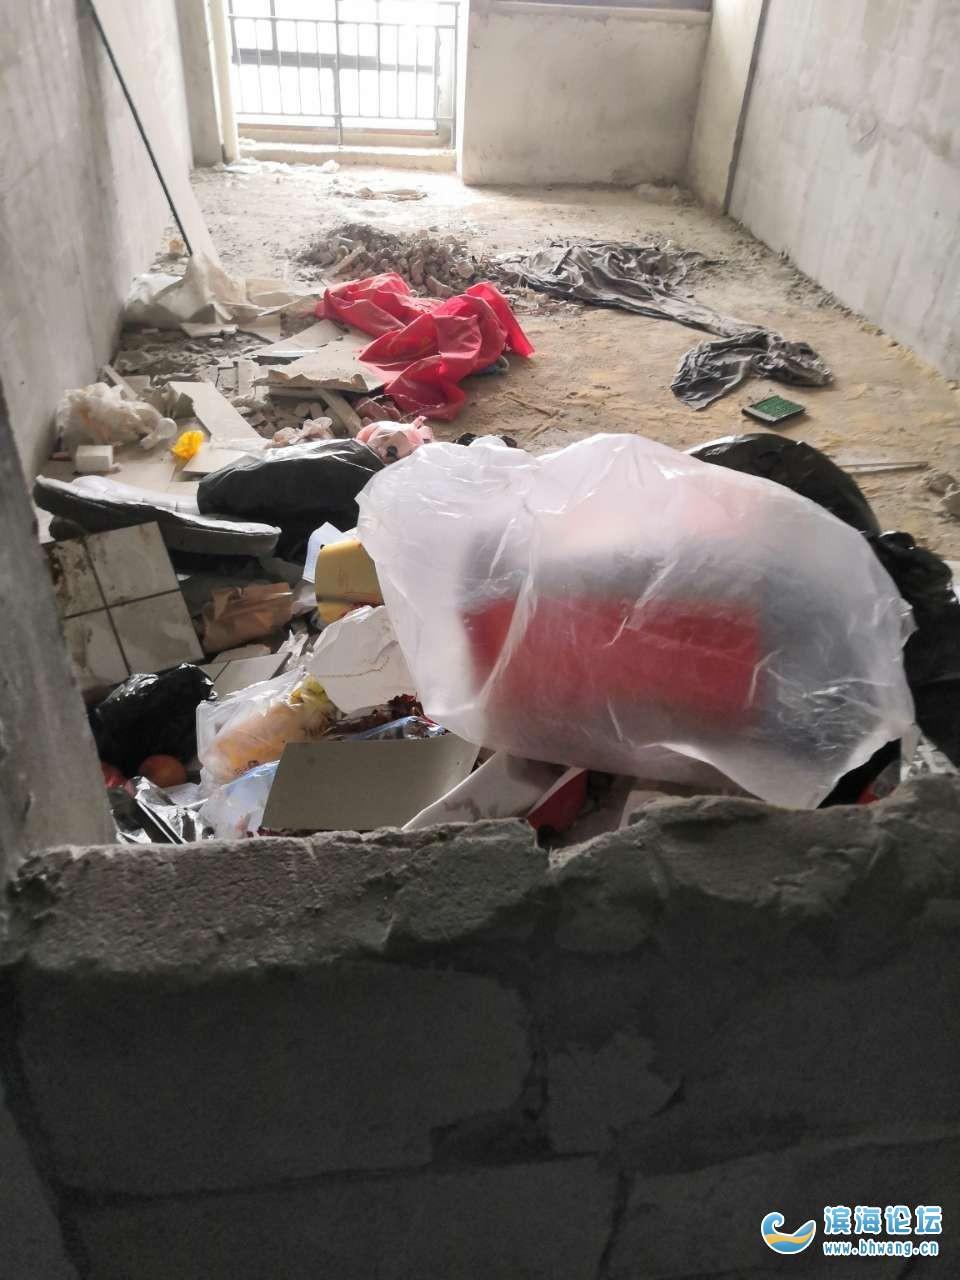 寶豐商博城單身公寓空房子里的垃圾成堆,生活環境真的很差,素質低下的人很多